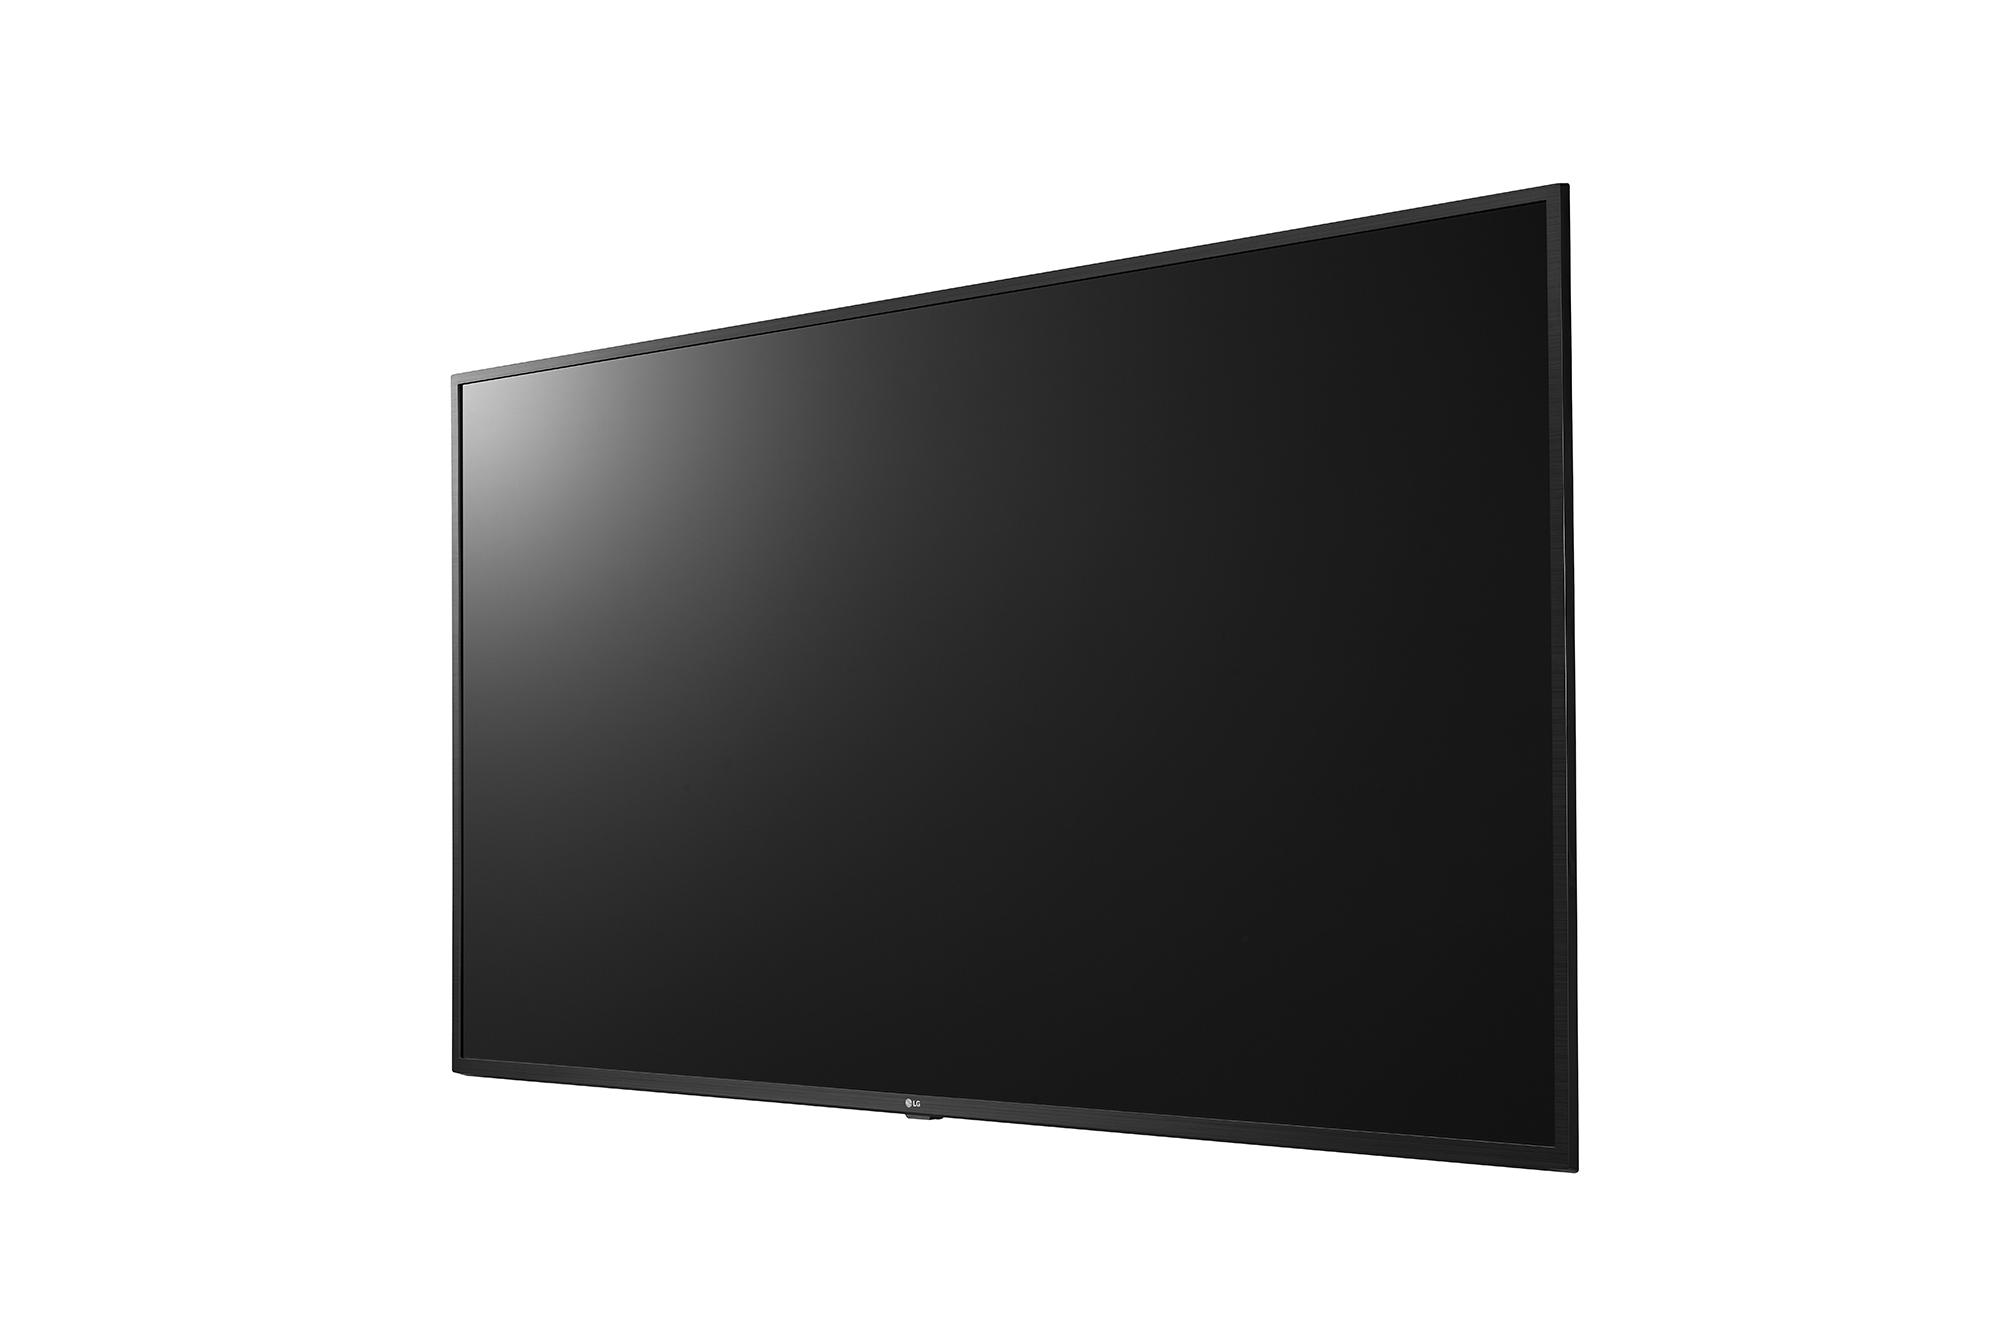 LG Standard Premium 55UL3G-B 4